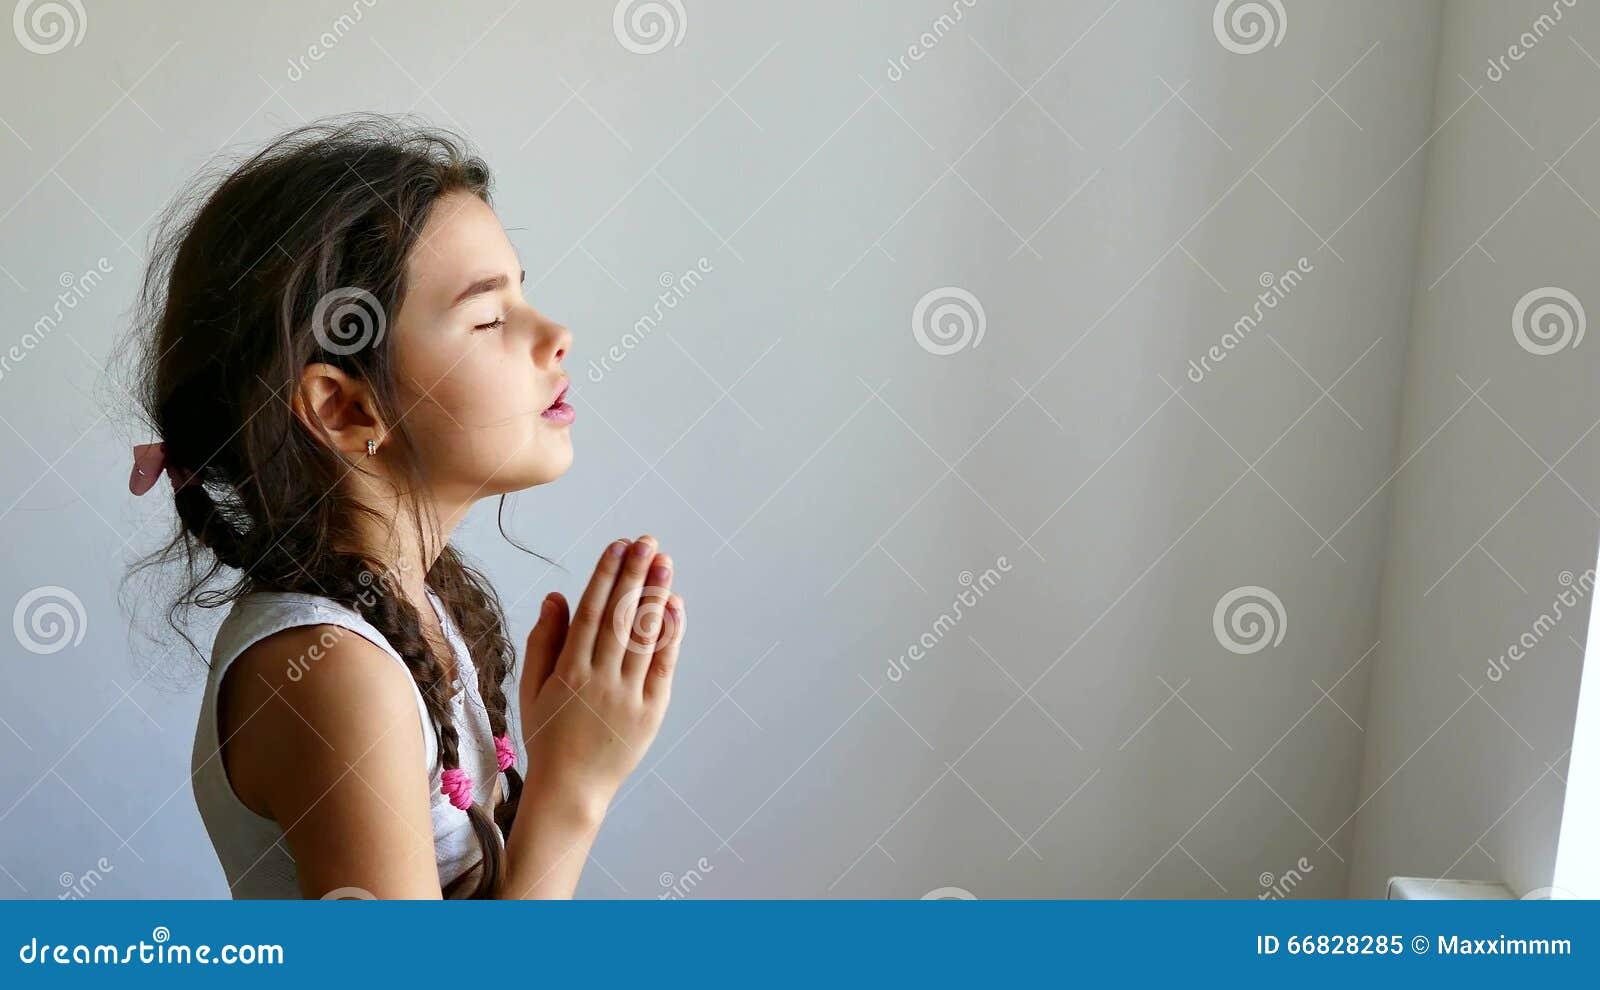 La Credenza In Dio : Credenza pregante teenager della chiesa ragazza nella